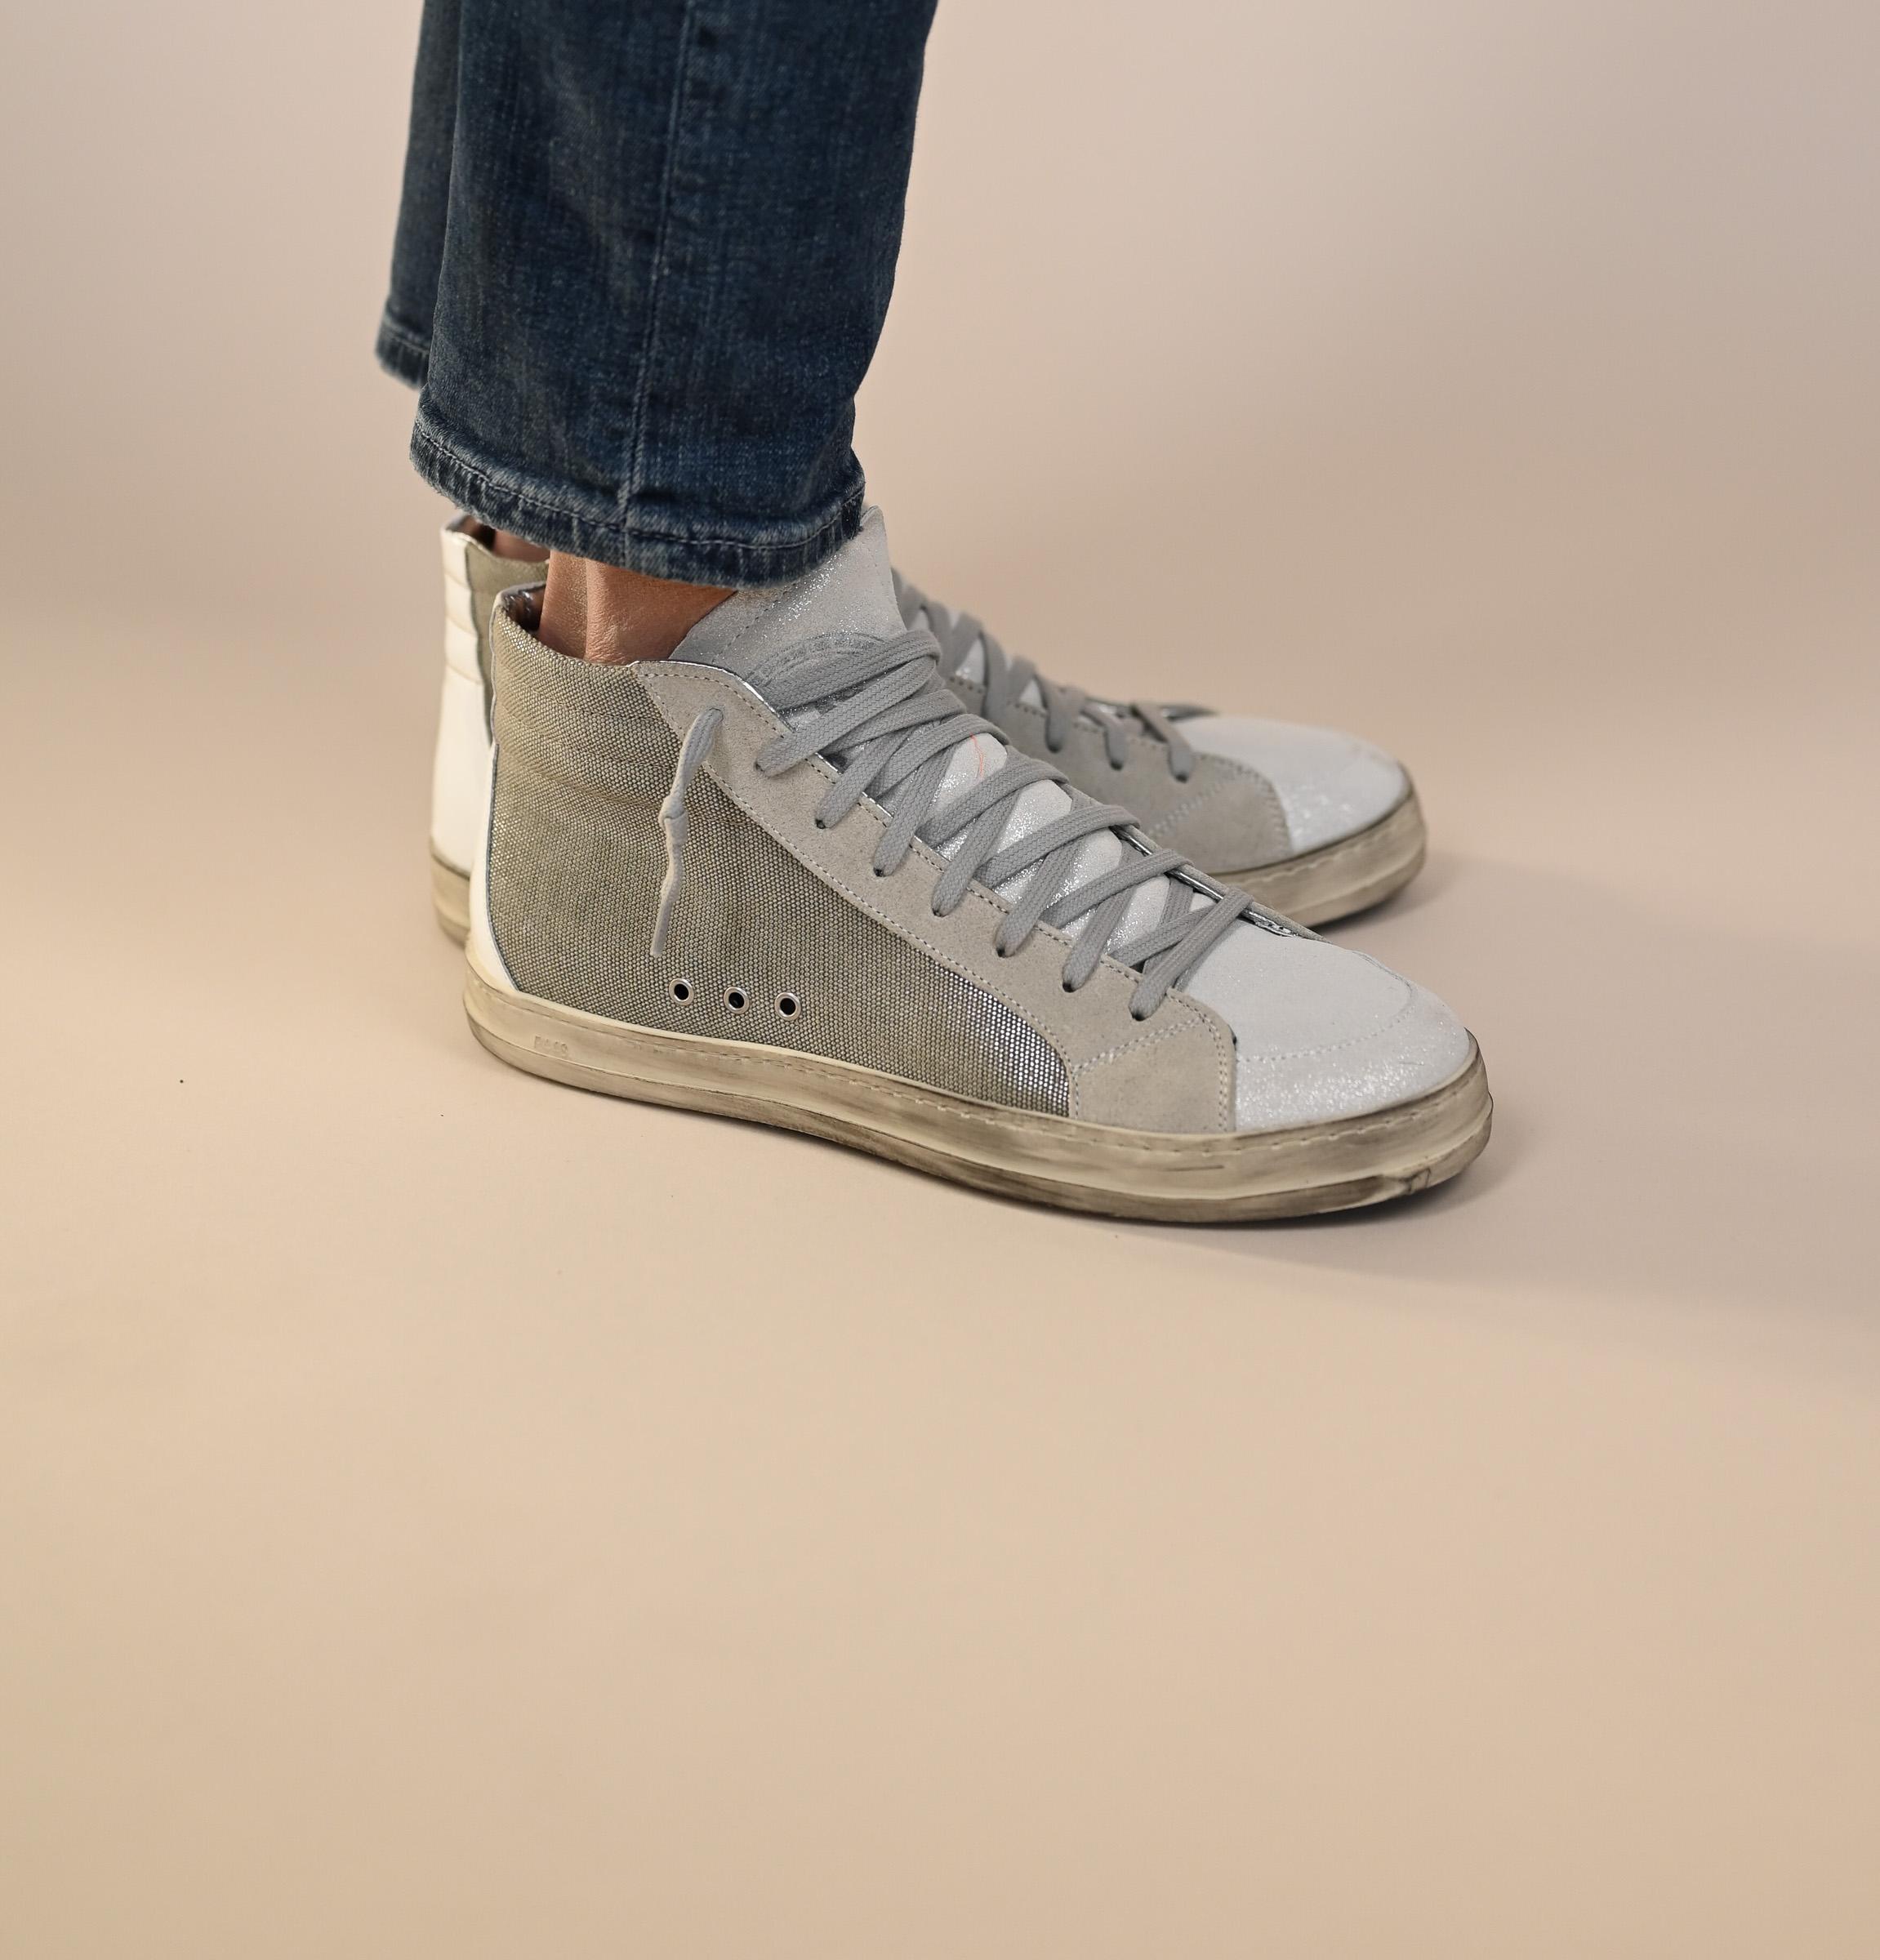 P448 Sneaker Skate Desert